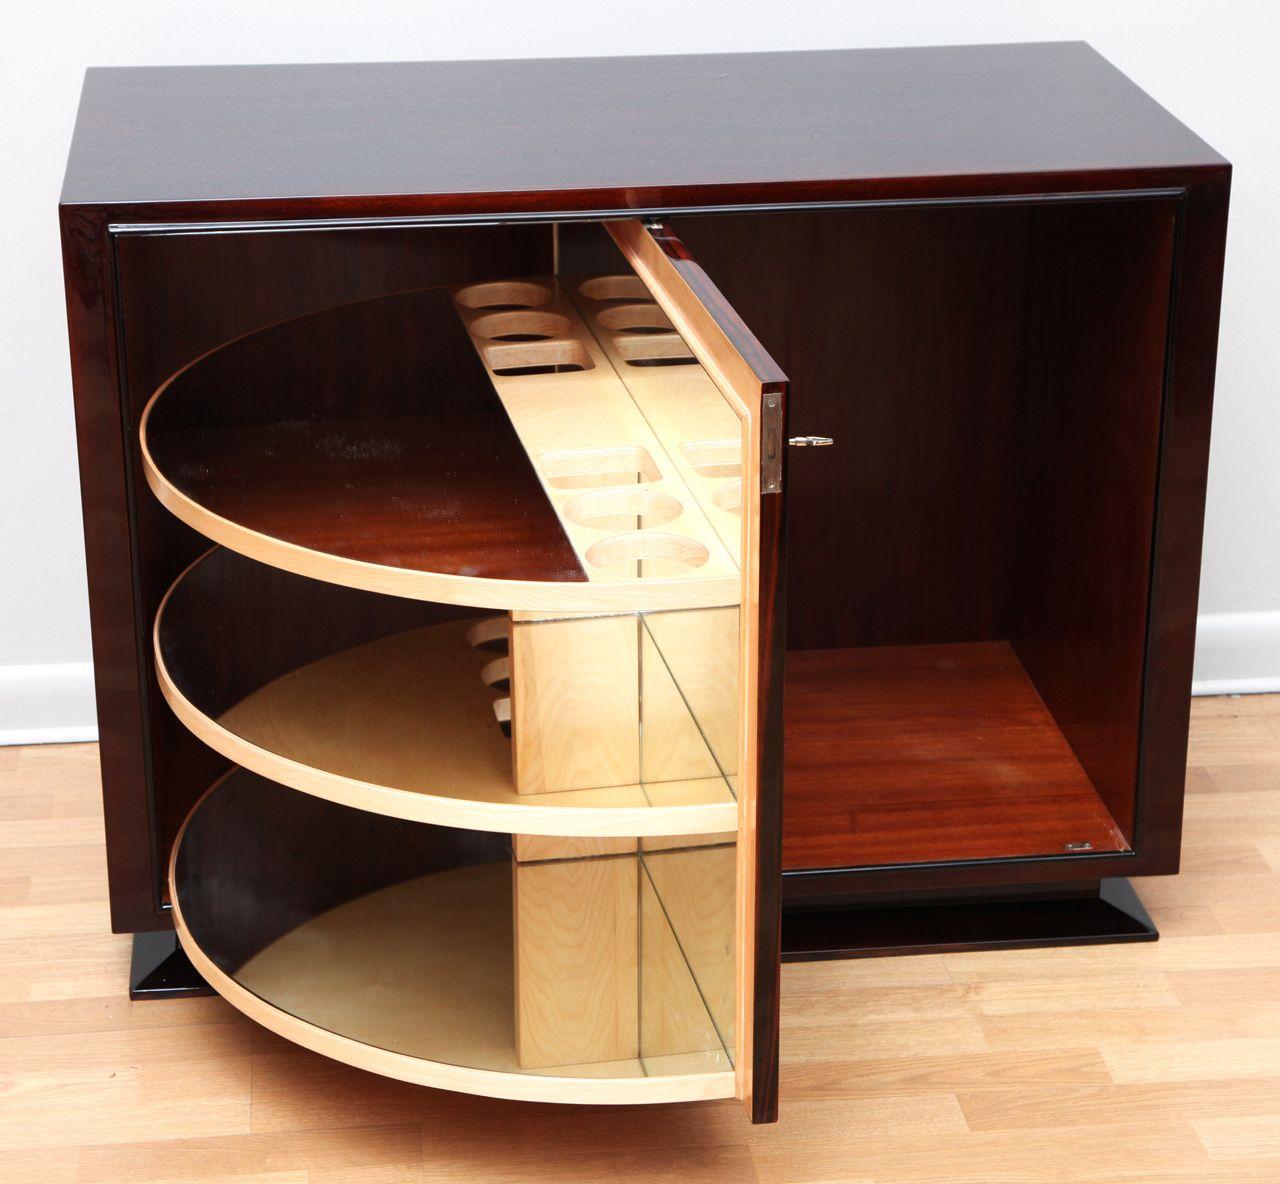 spectacular art deco revolving bar cabinet art deco furniture pinterest projets bois mec. Black Bedroom Furniture Sets. Home Design Ideas